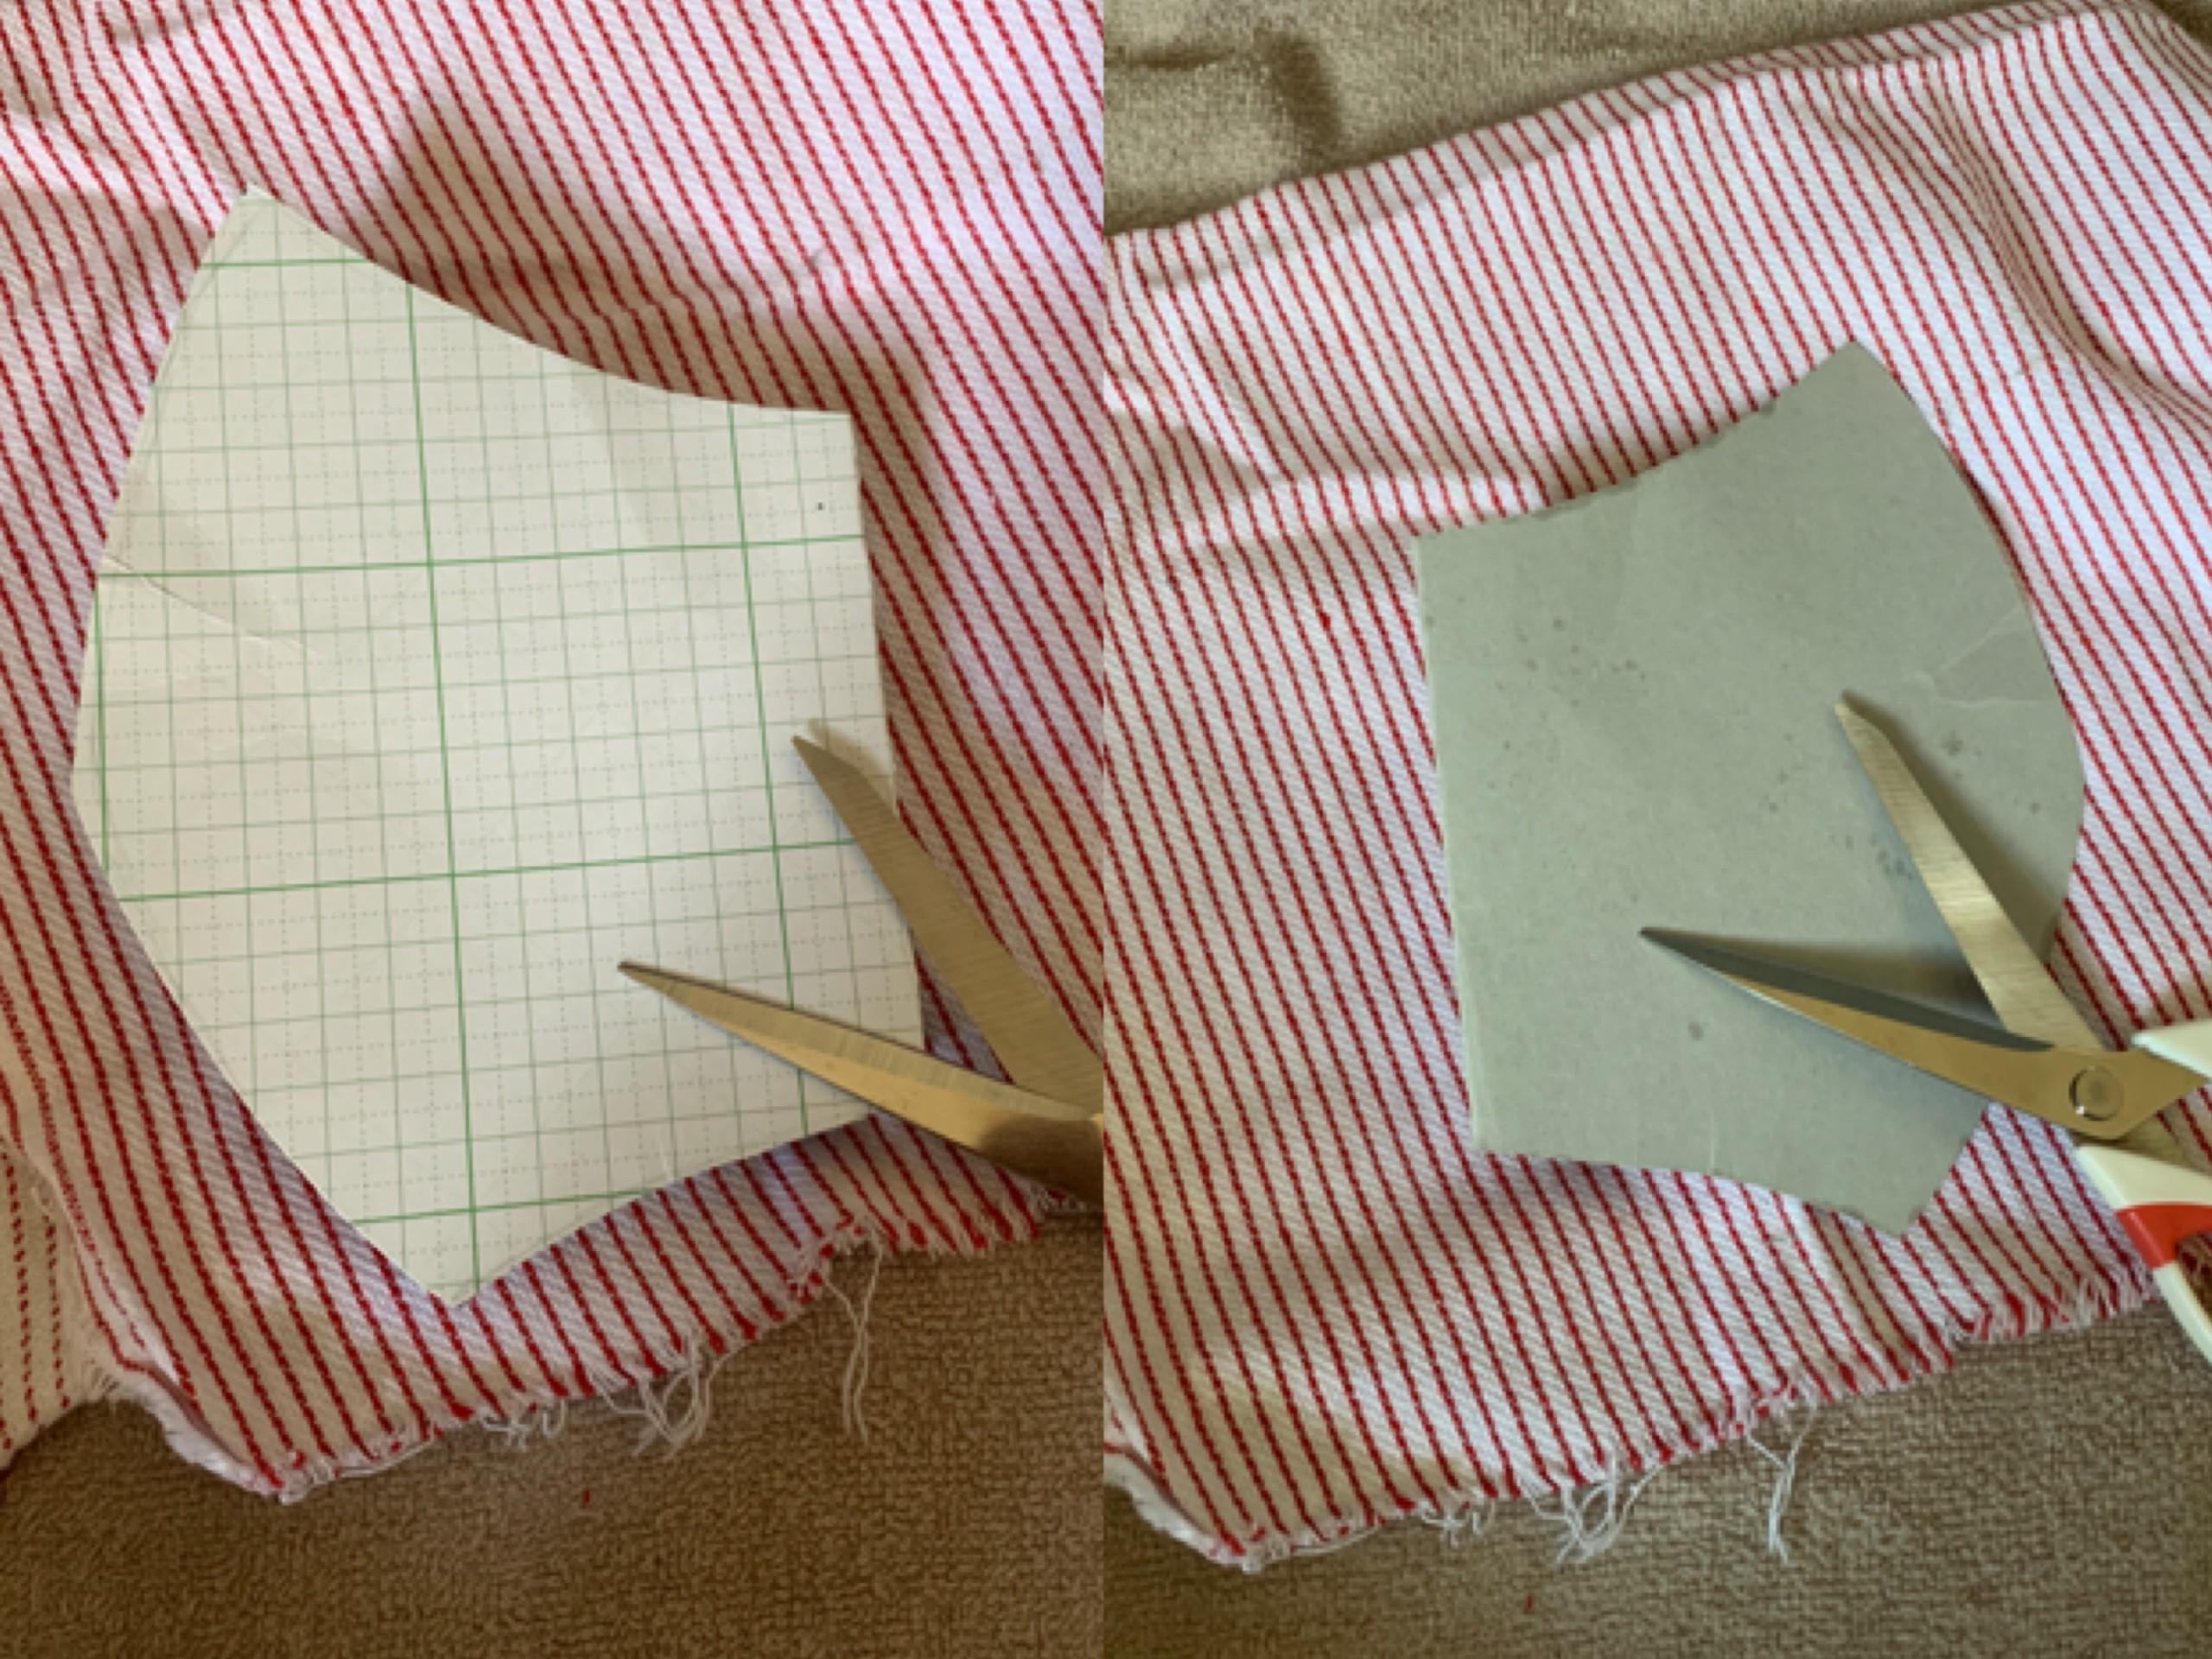 マスクの型紙とハサミの写真2枚の比較